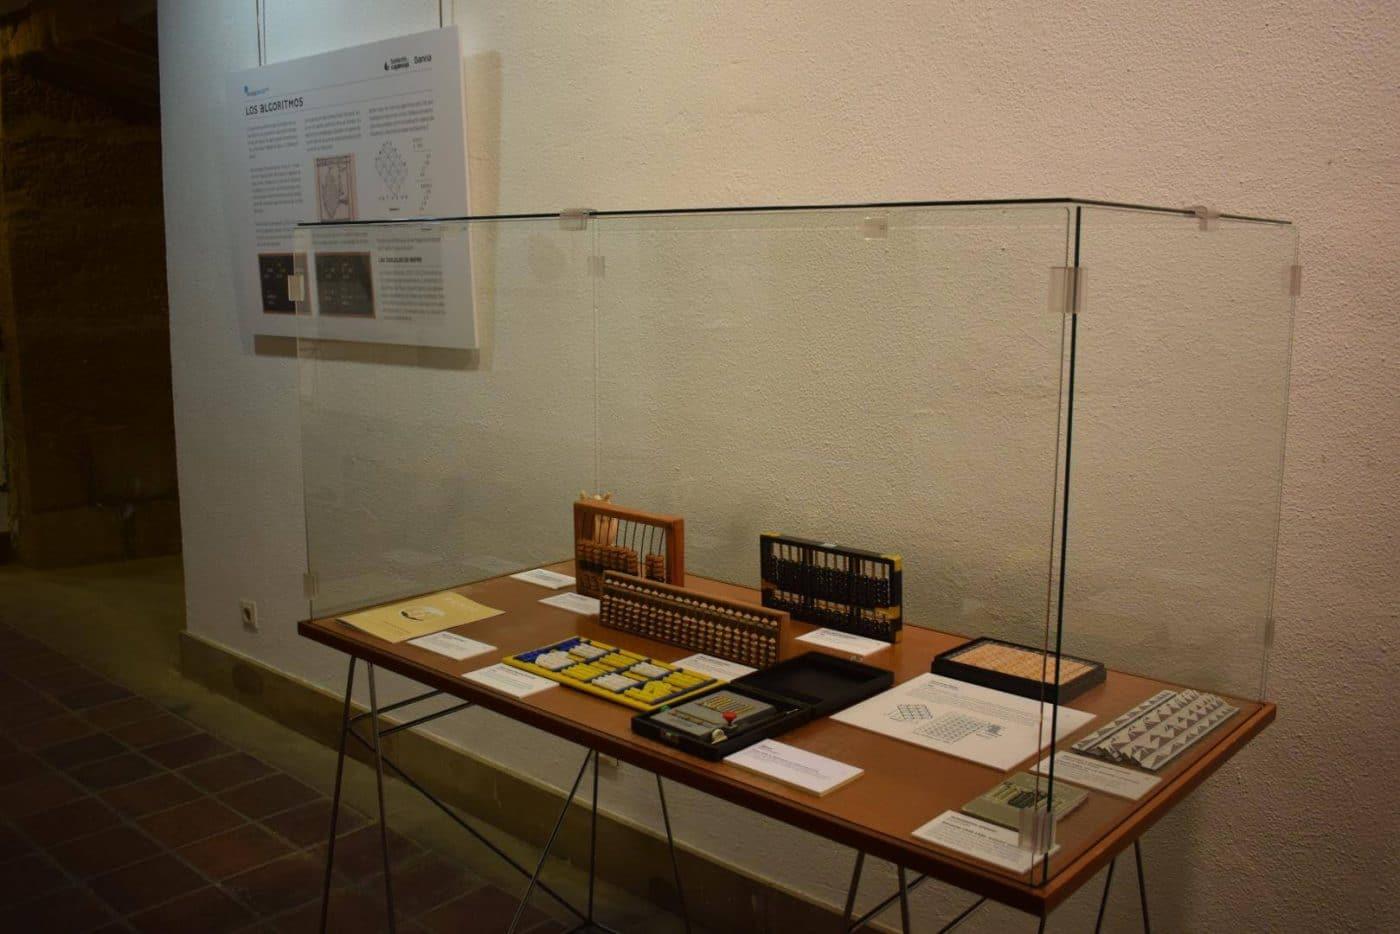 El Centro Fundación Caja Rioja-Bankia Haro acoge la exposición 'De la mano a la electrónica. Máquinas de calcular' 2